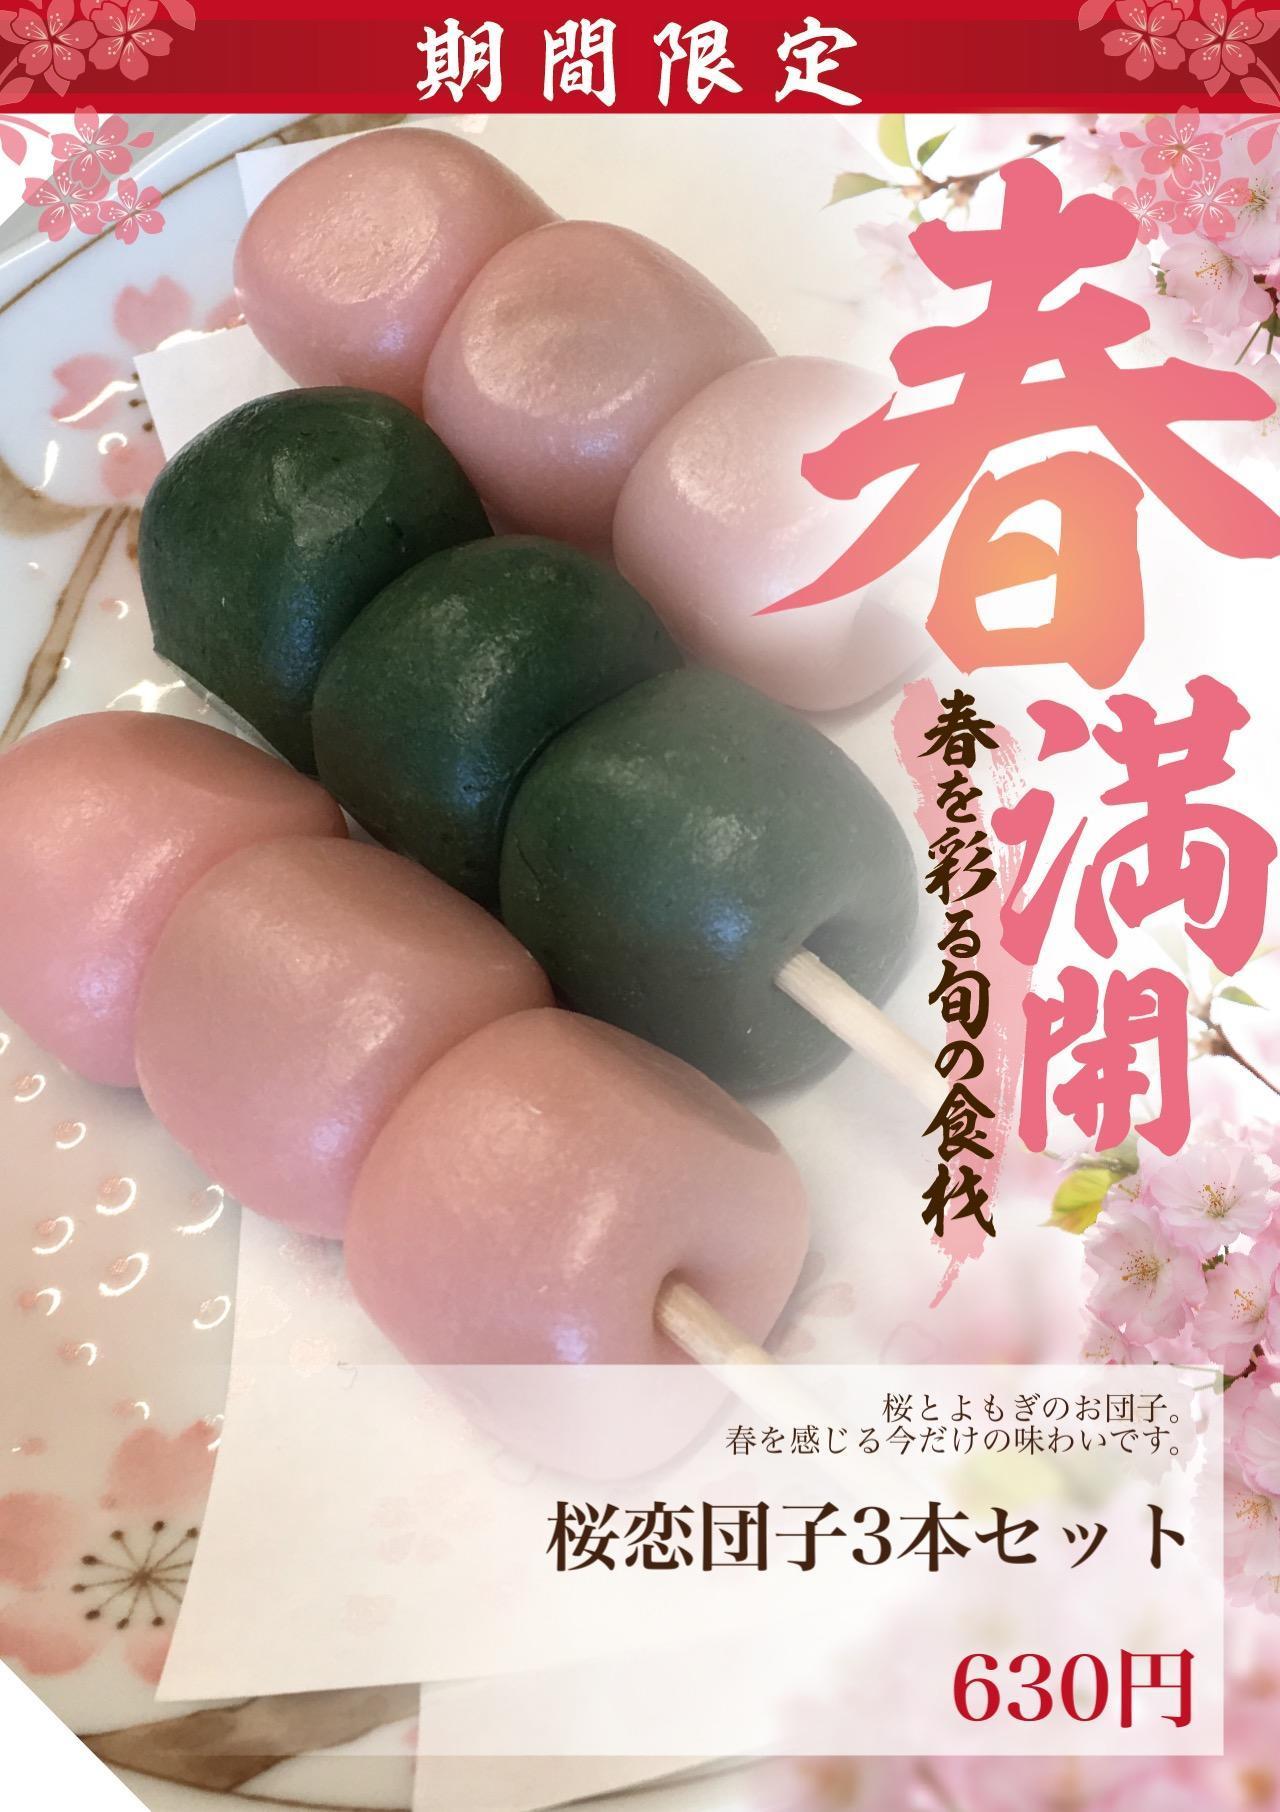 桜恋団子 630円